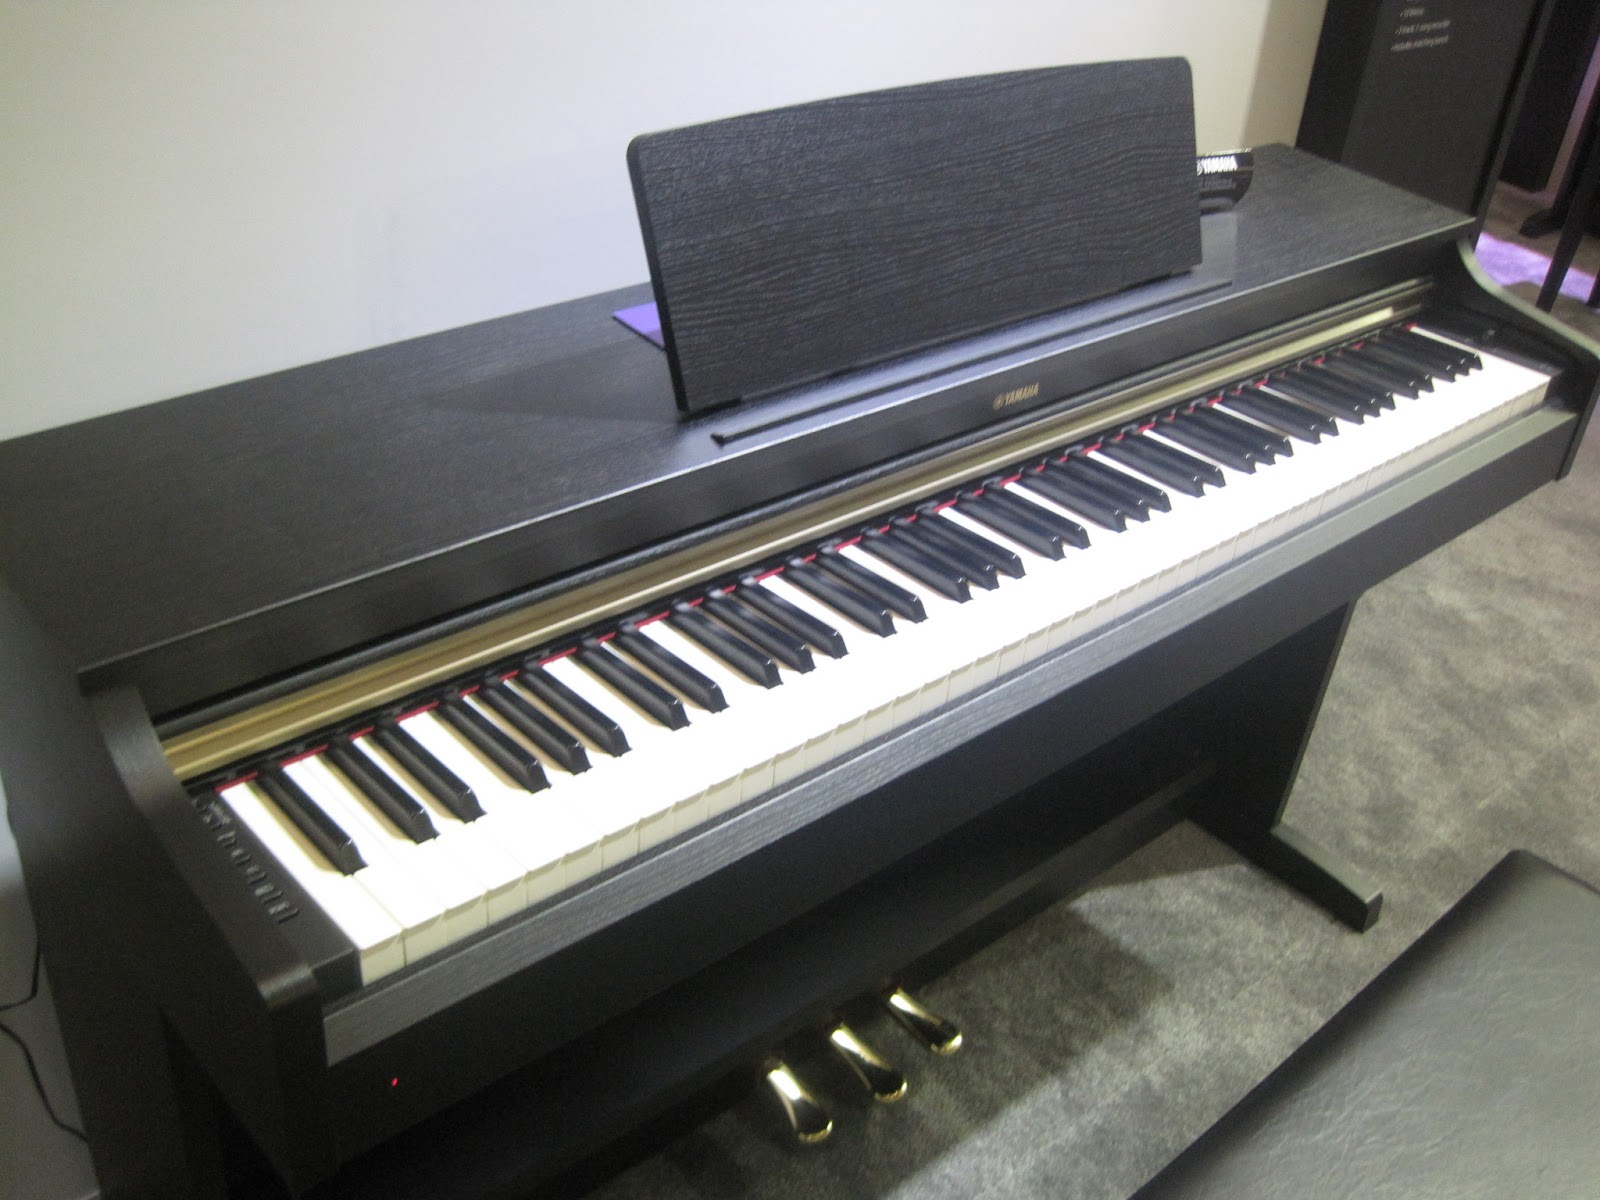 Az Piano Reviews Reviews Digital Pianos Under 2500